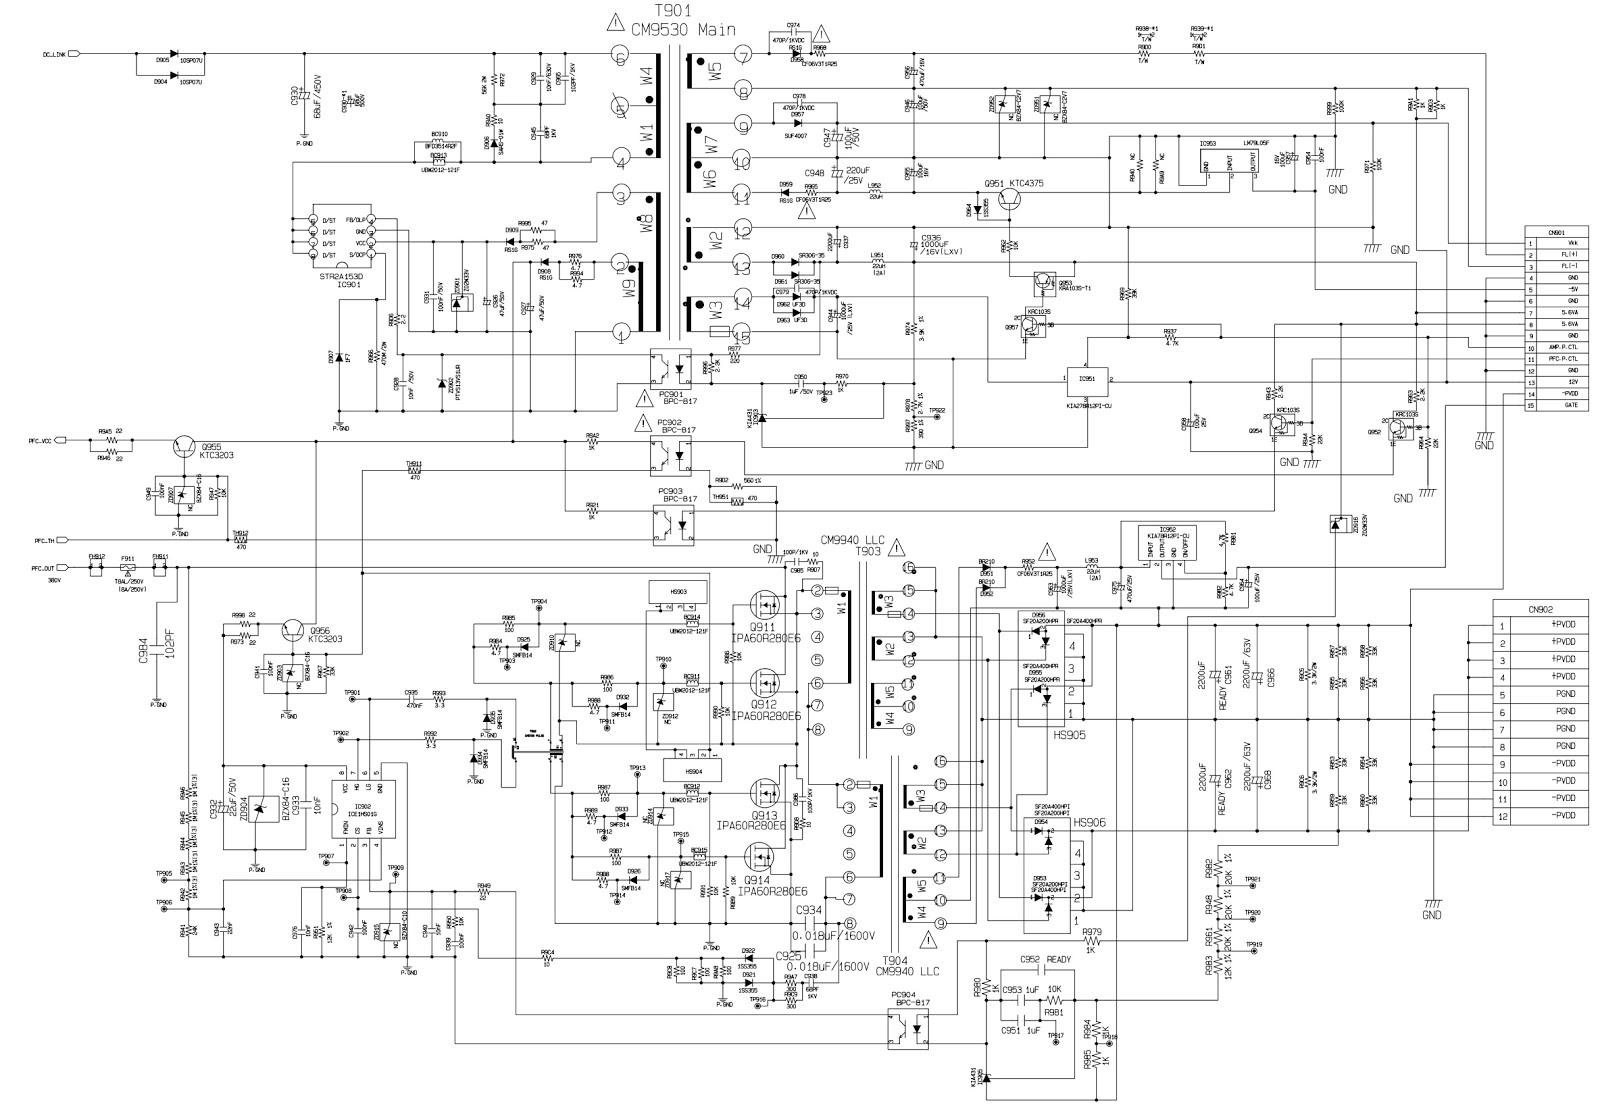 manguonblog: LG Mini Hi-Fi system - CM9740 - NS9740 - SMPS ...